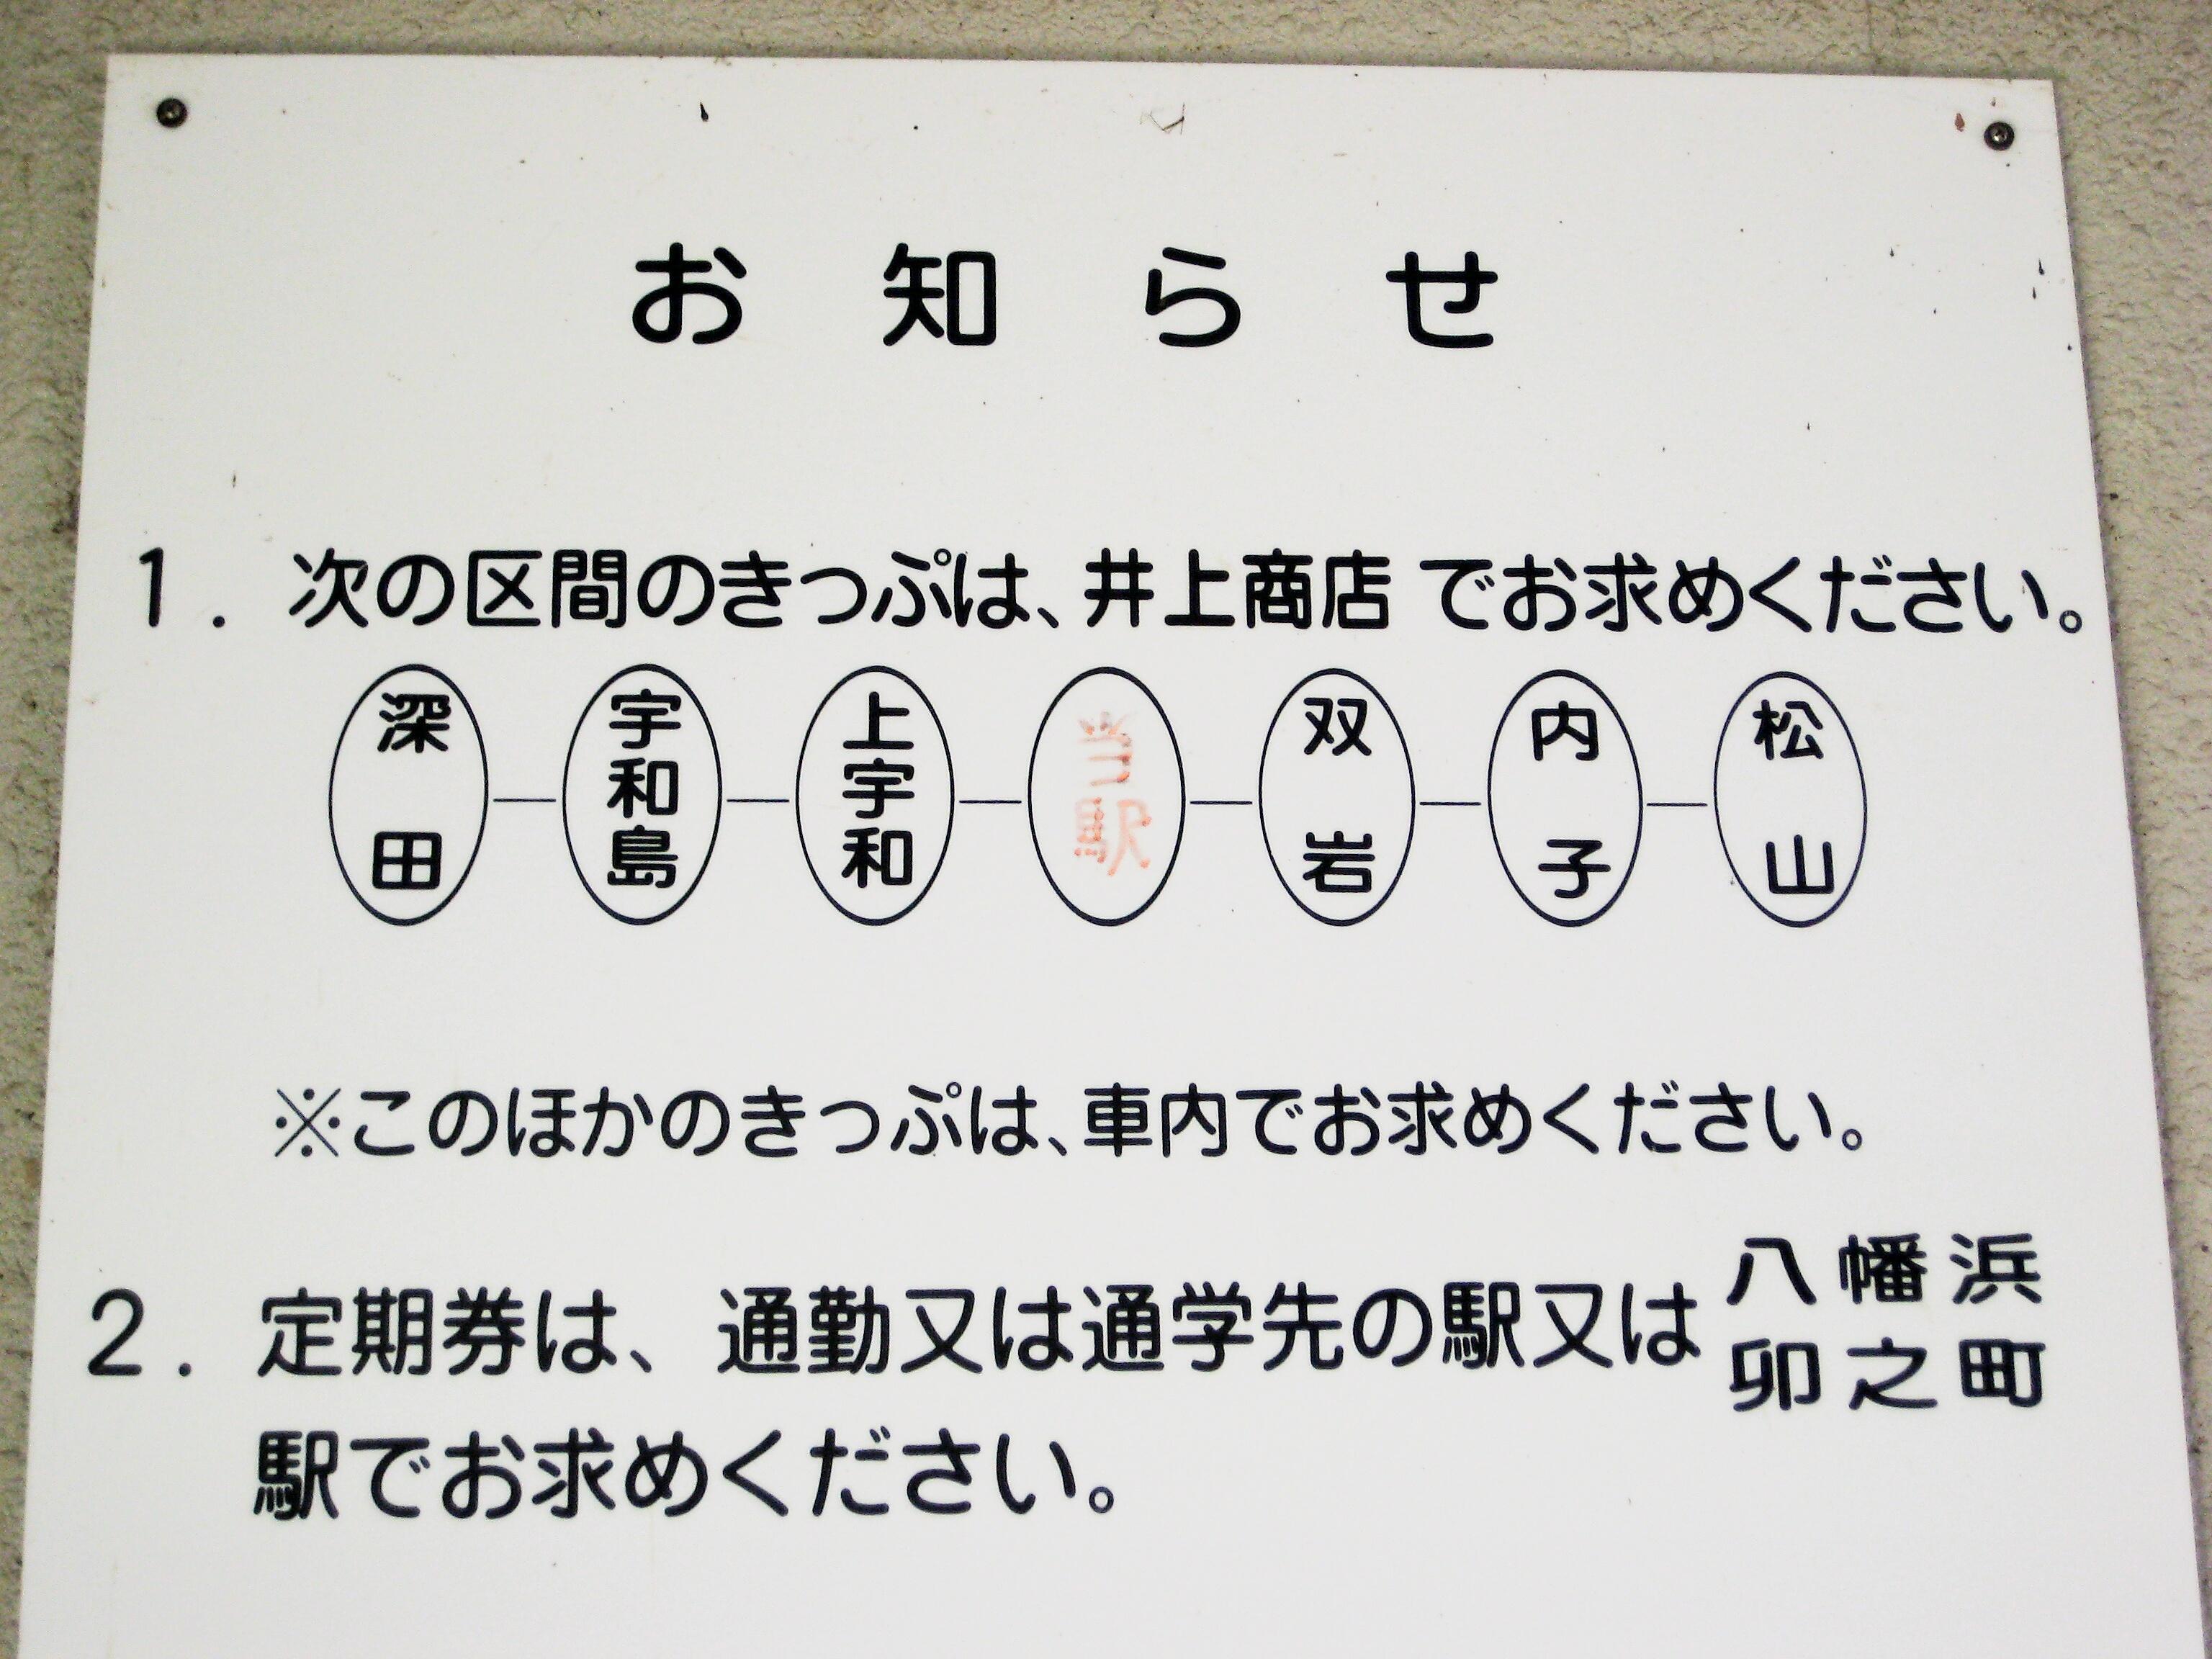 196.jpg